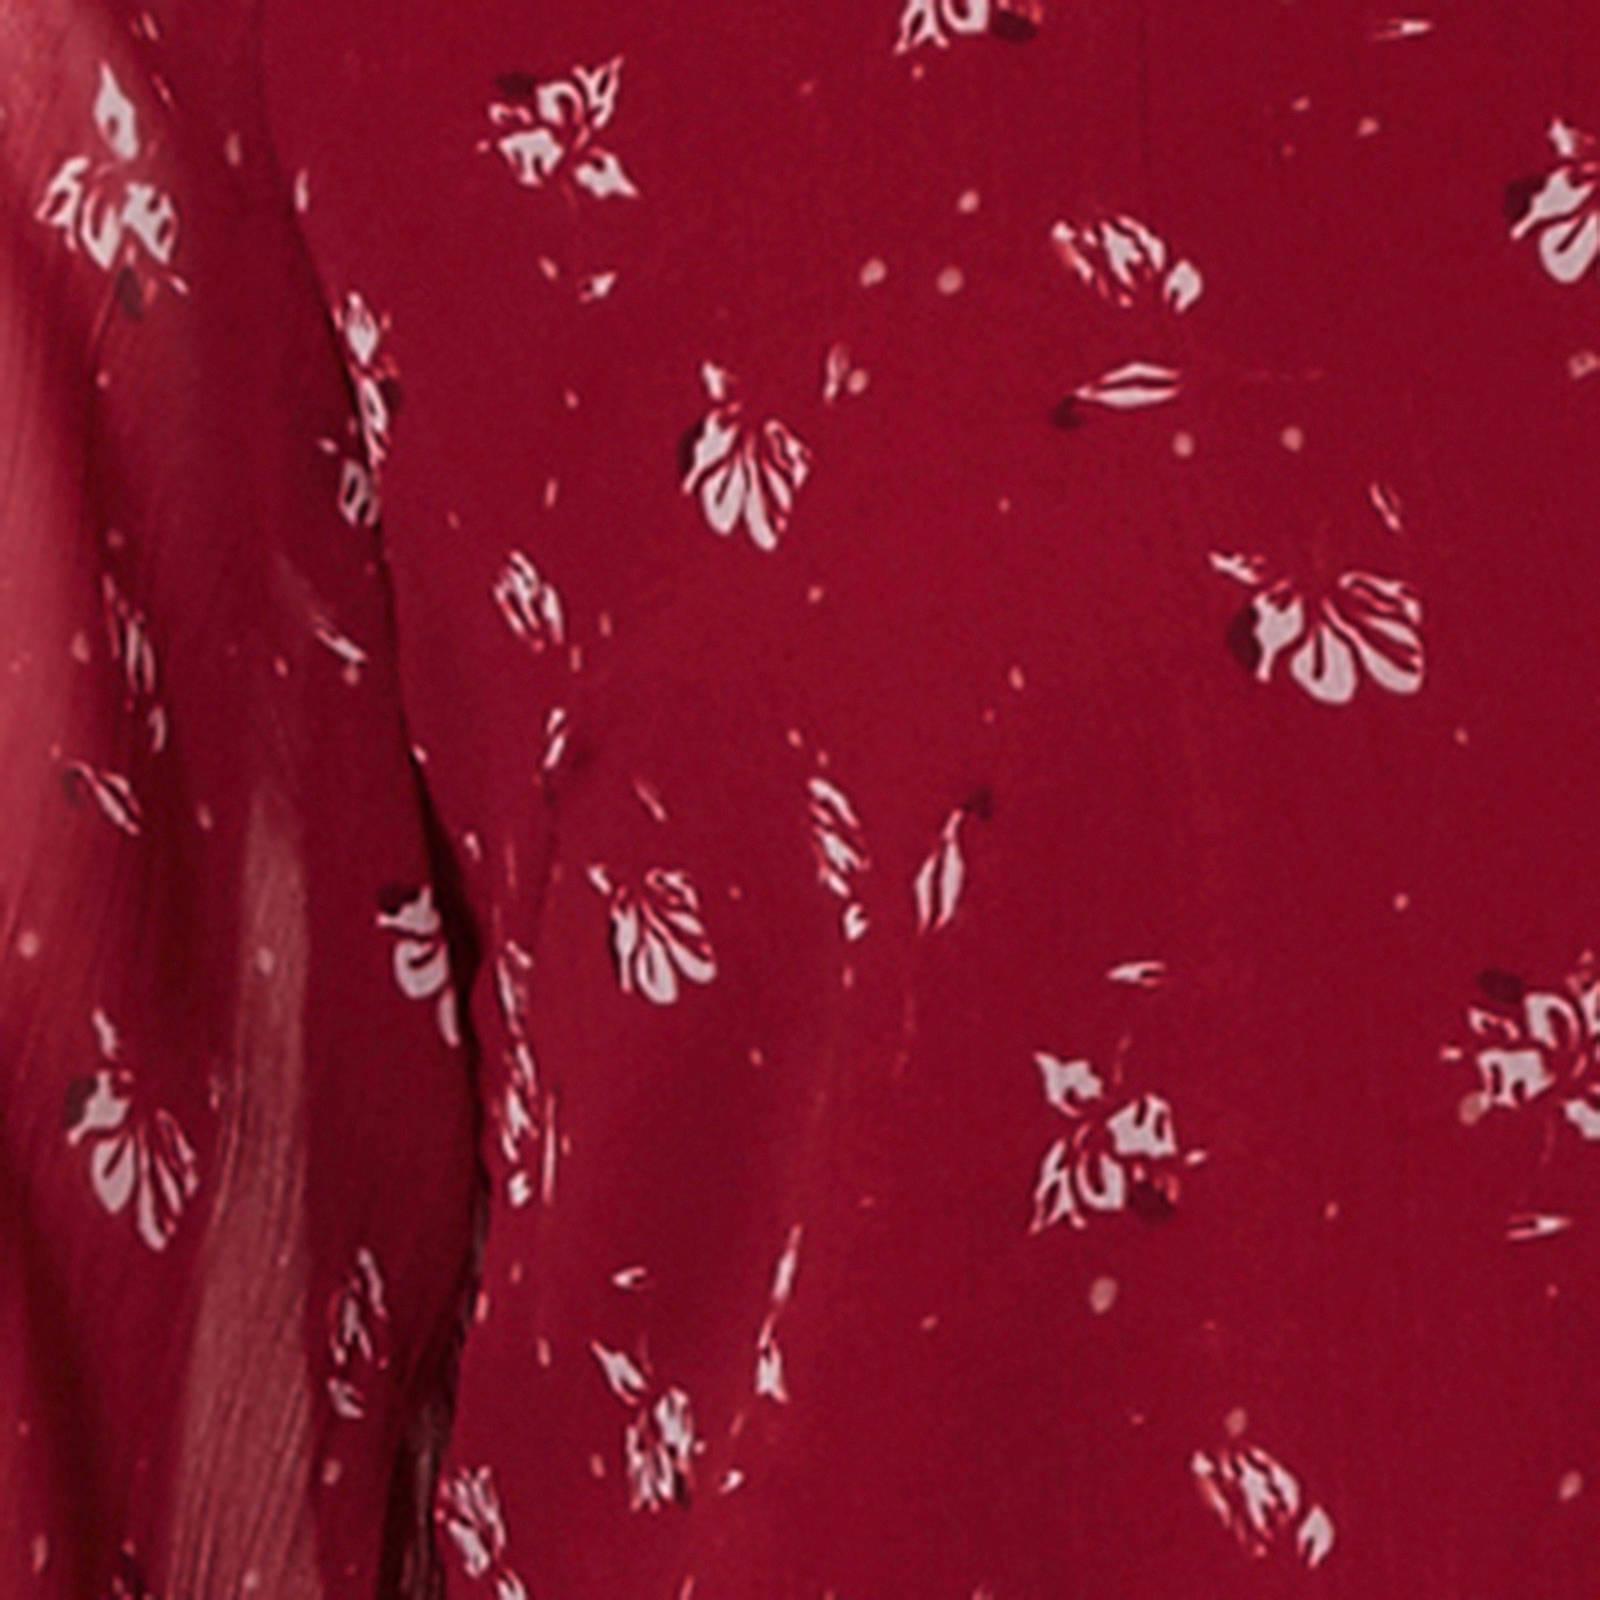 met VERO met jurk MODA met bloemenprint MODA bloemenprint VERO bloemenprint VERO MODA jurk jurk pAqwFAC